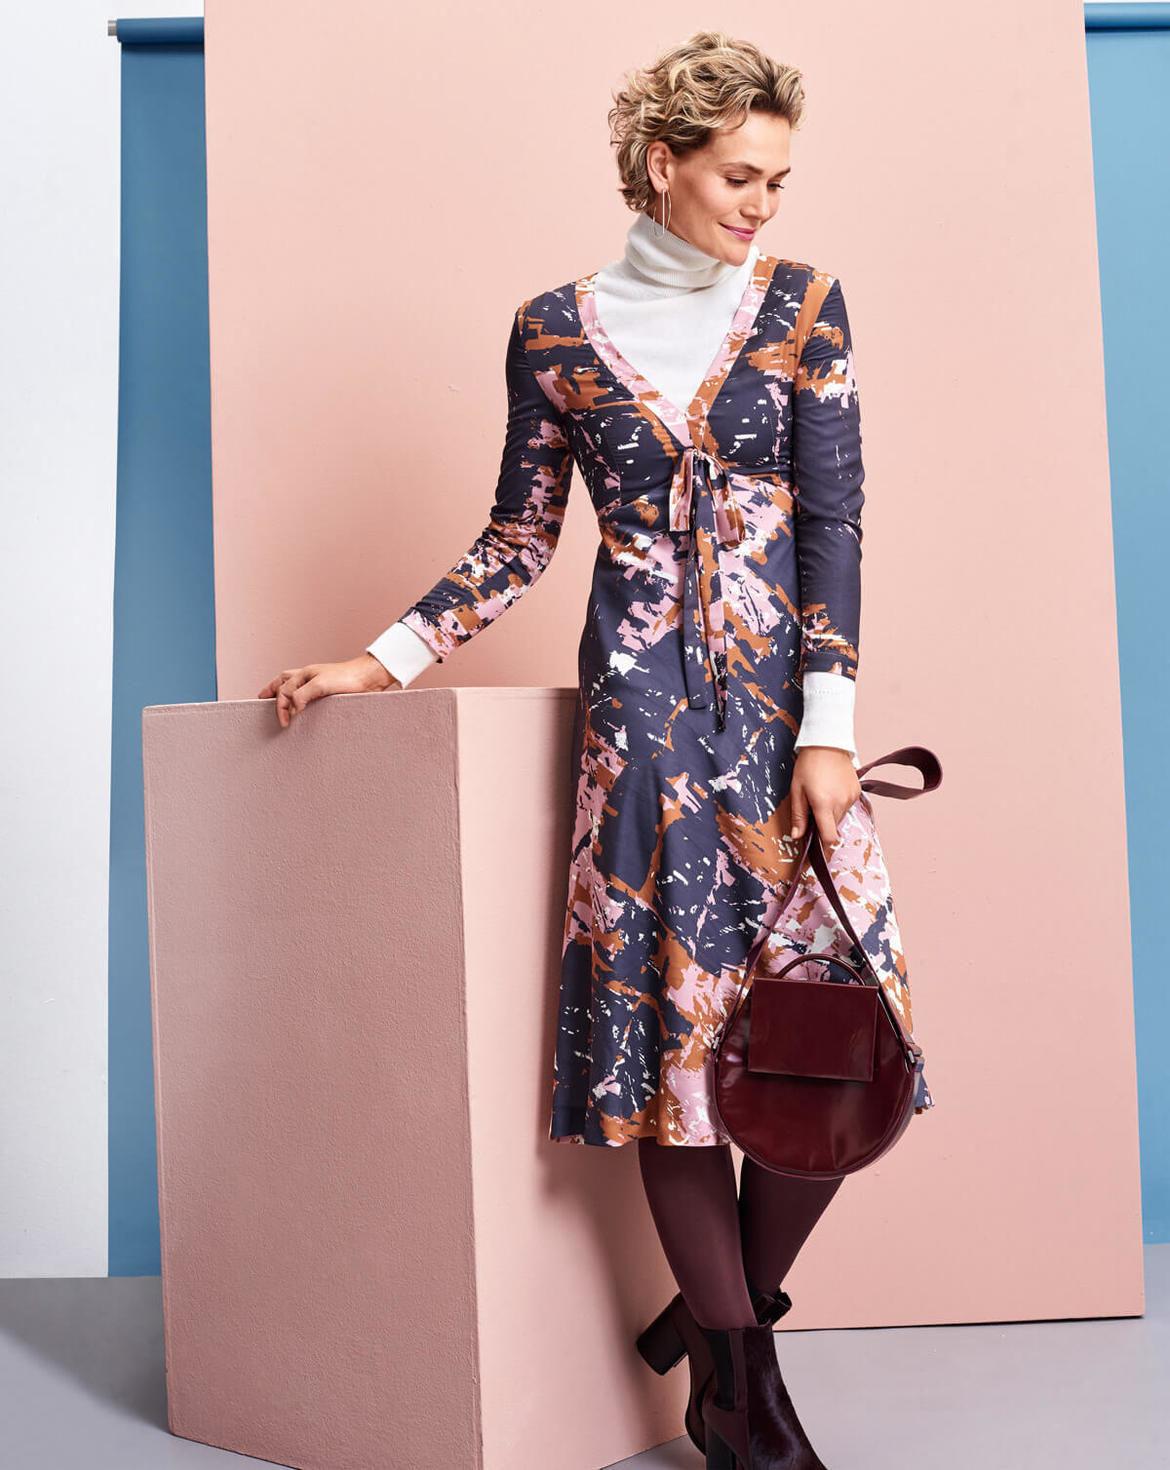 Kleid Mit Tiefem Vausschnitt 12/2017 107A  Mode Zum